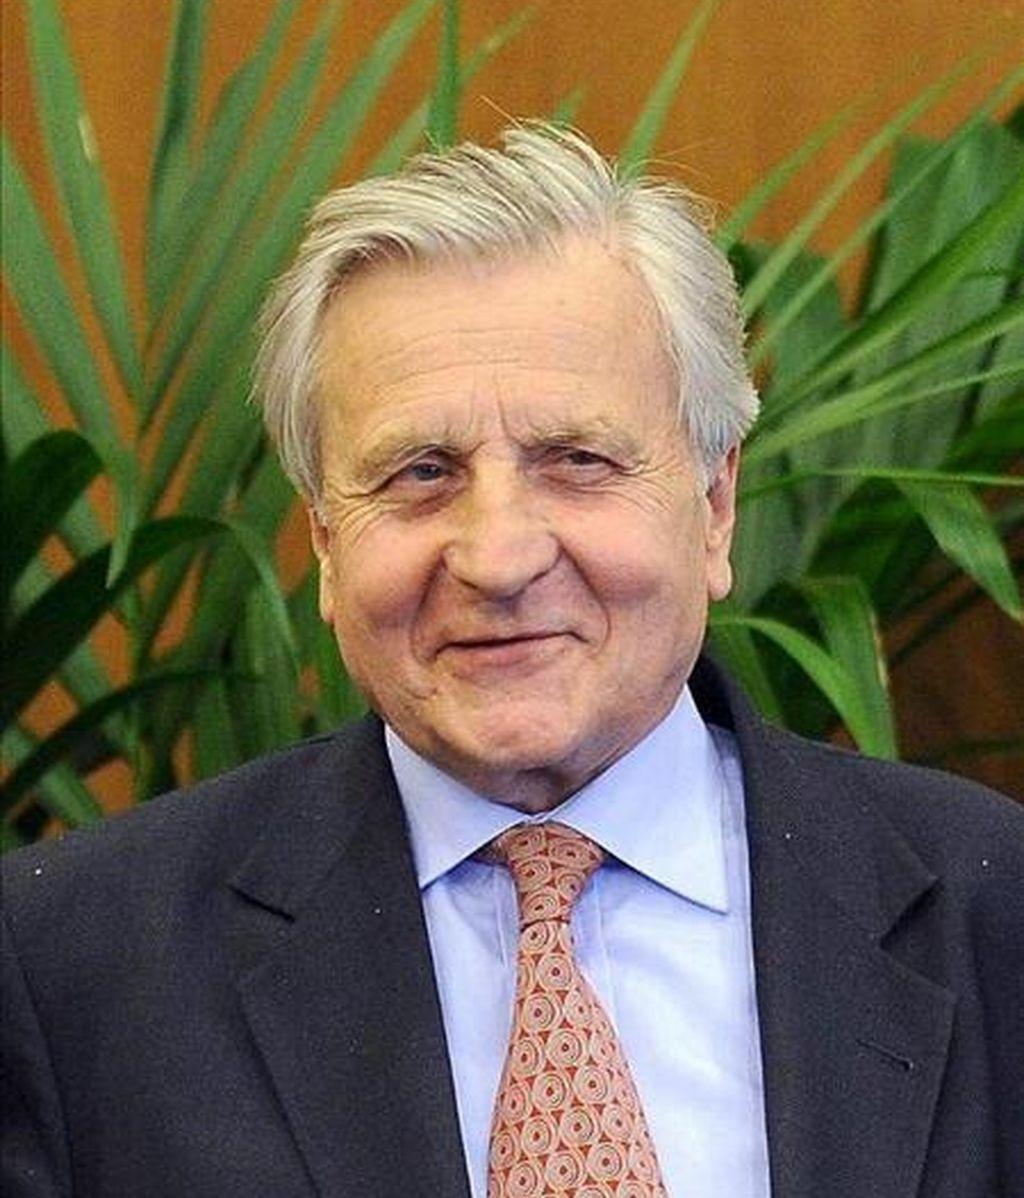 En la imagen, el presidente del Banco Central Europeo (BCE), Jean-Claude Trichet. EFE/Archivo